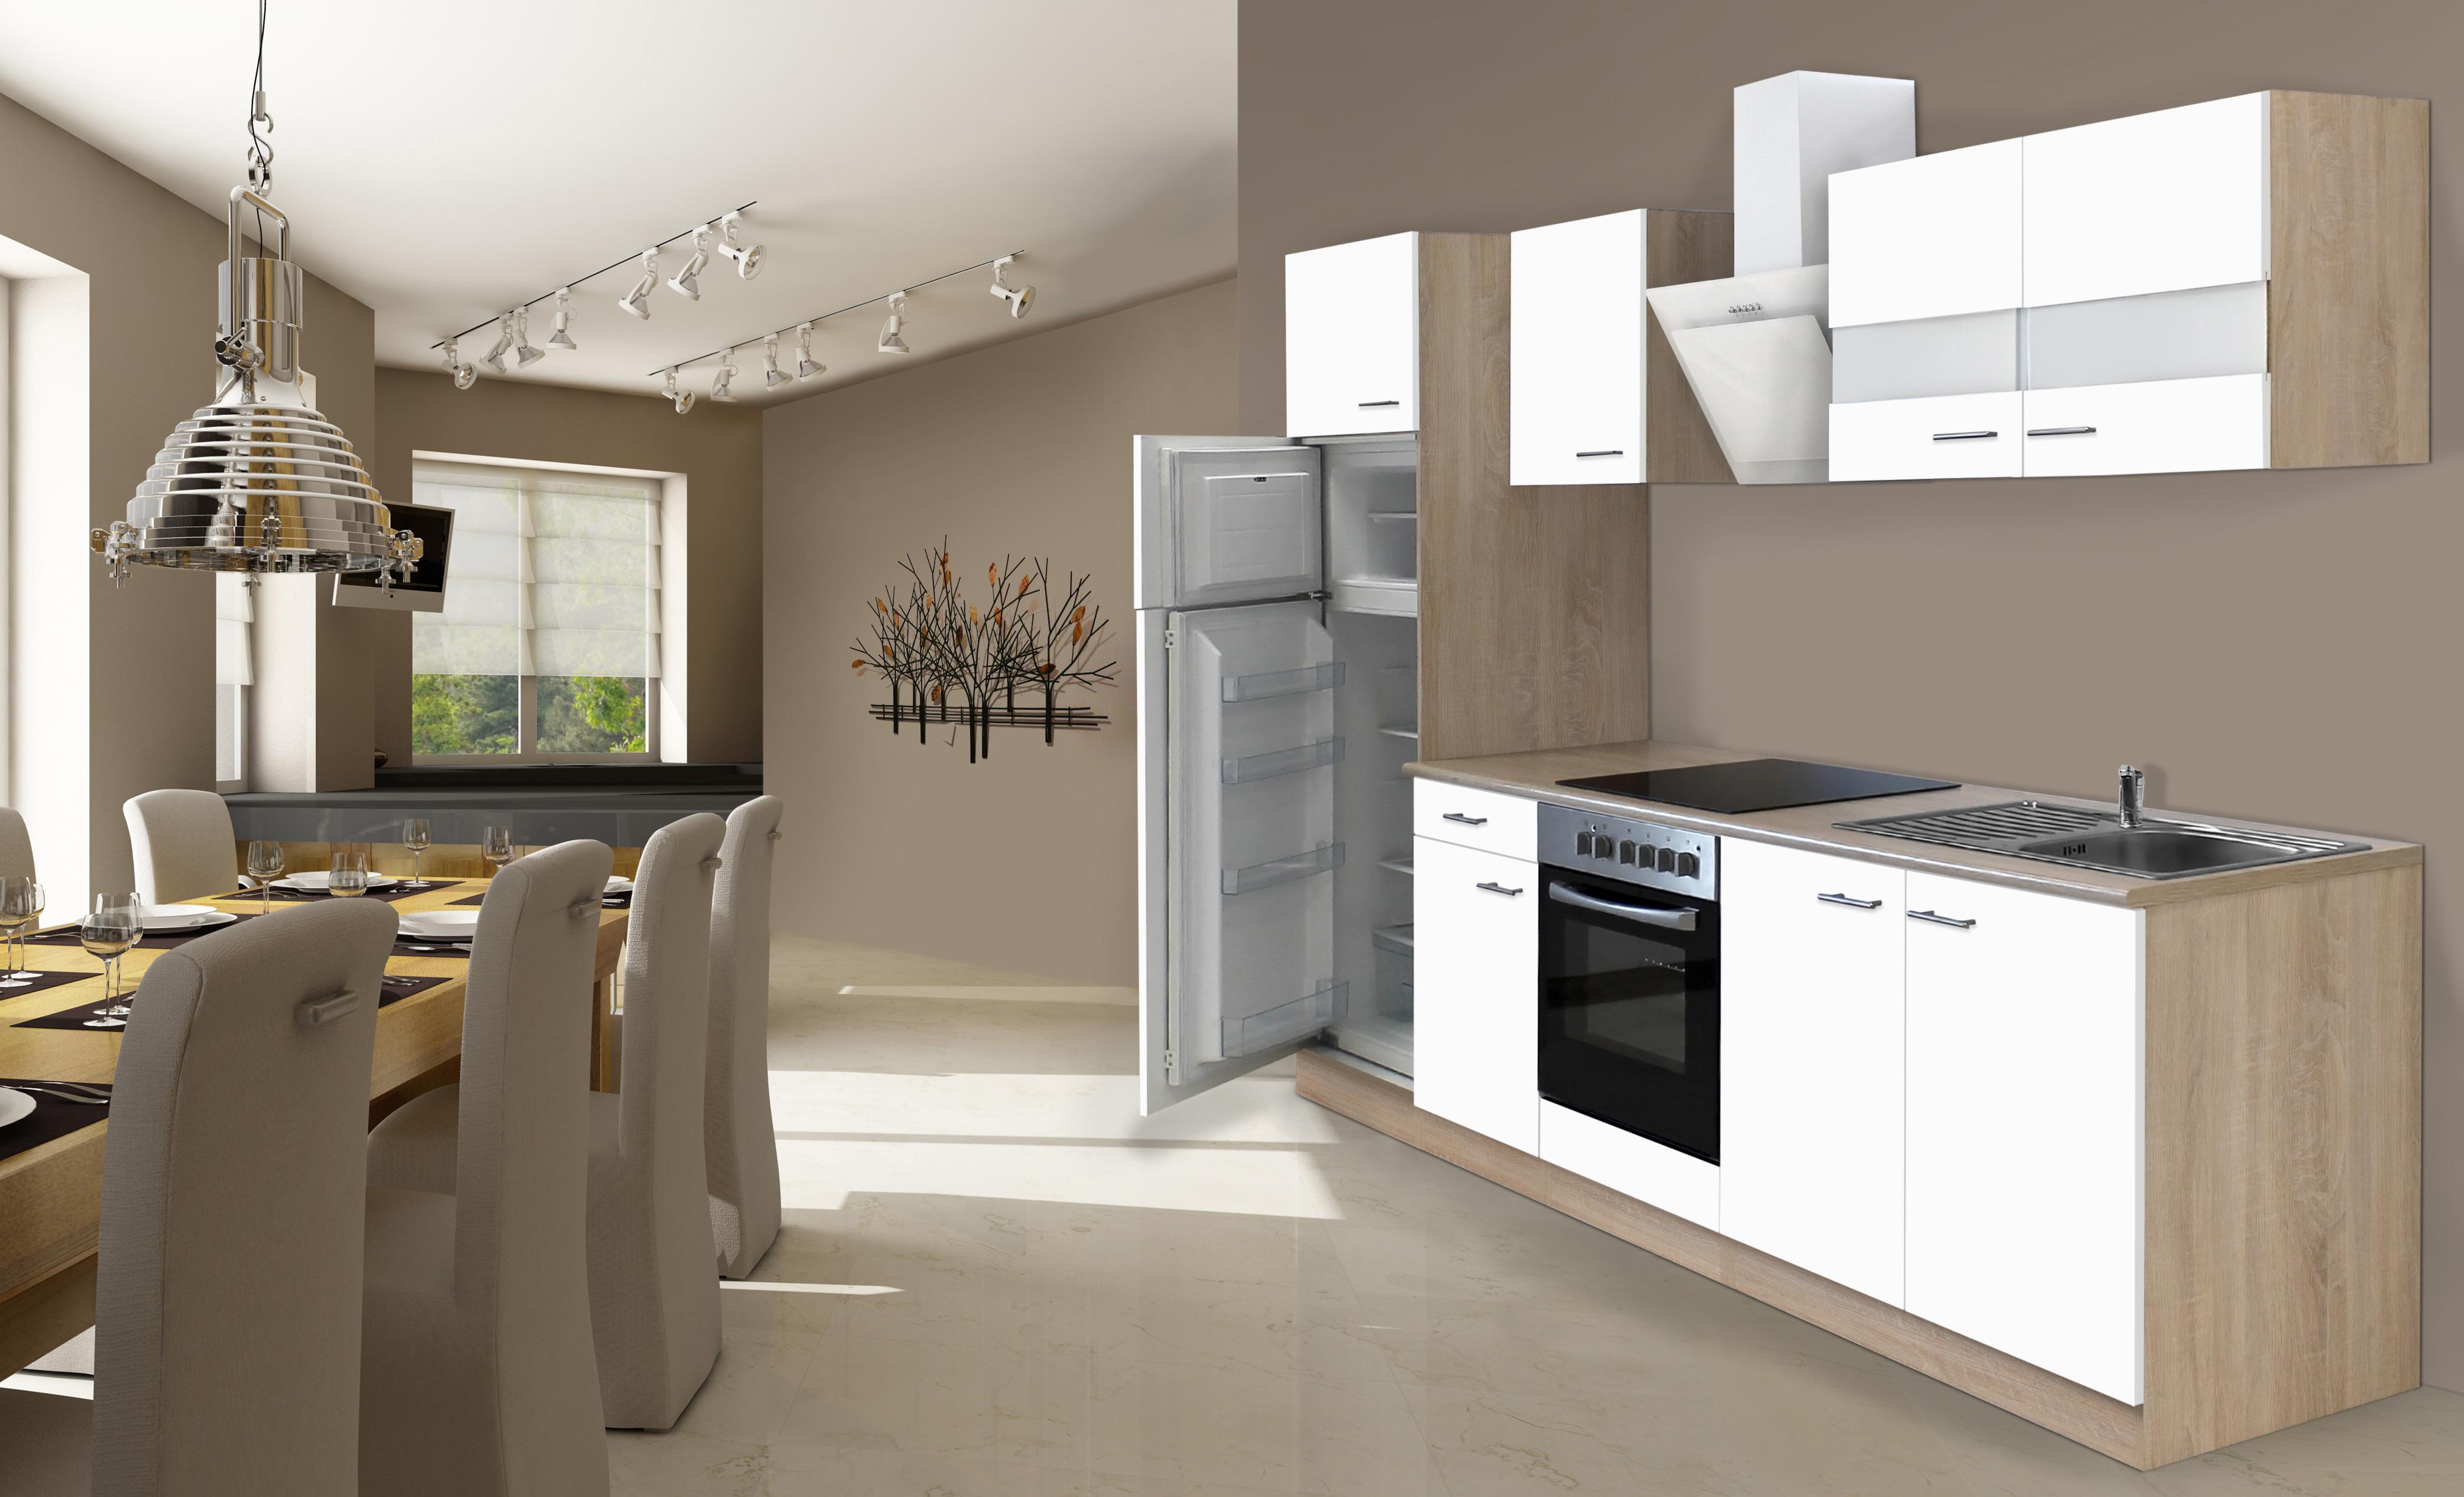 RESPEKTA cucina incasso cucina angolo cucina BLOCCO CUCINA 270 cm | eBay